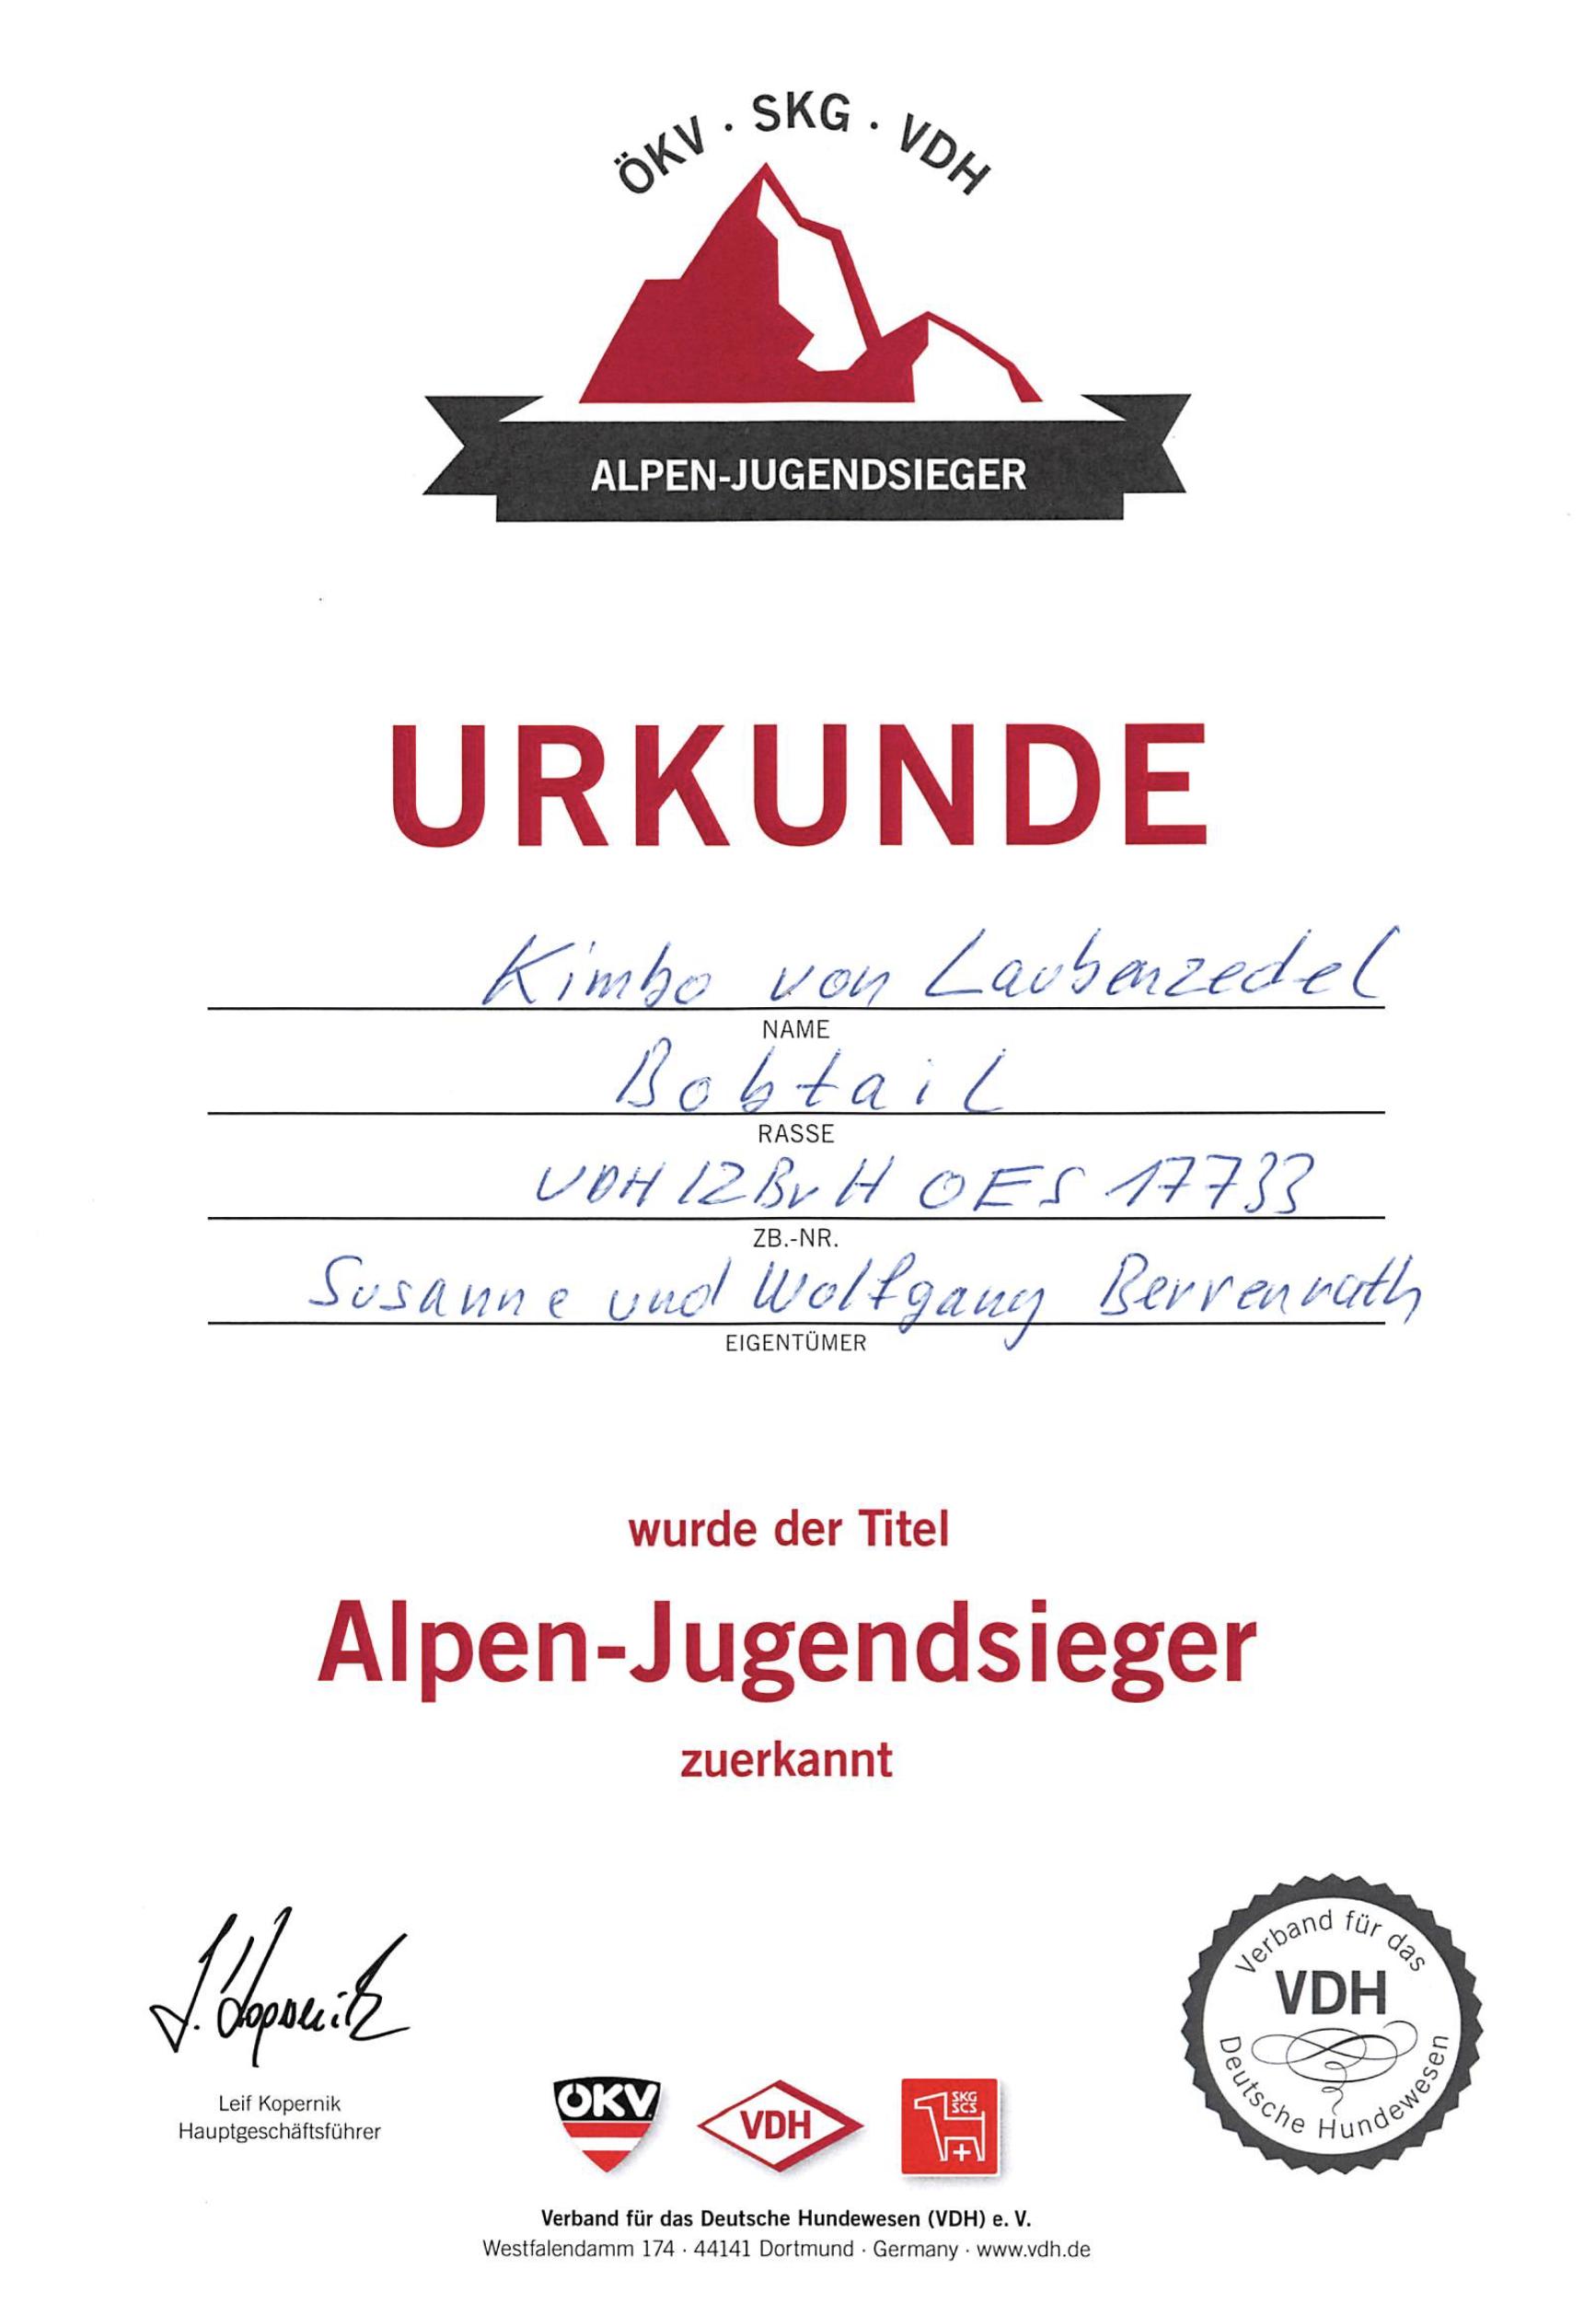 Alpen Jugensieger